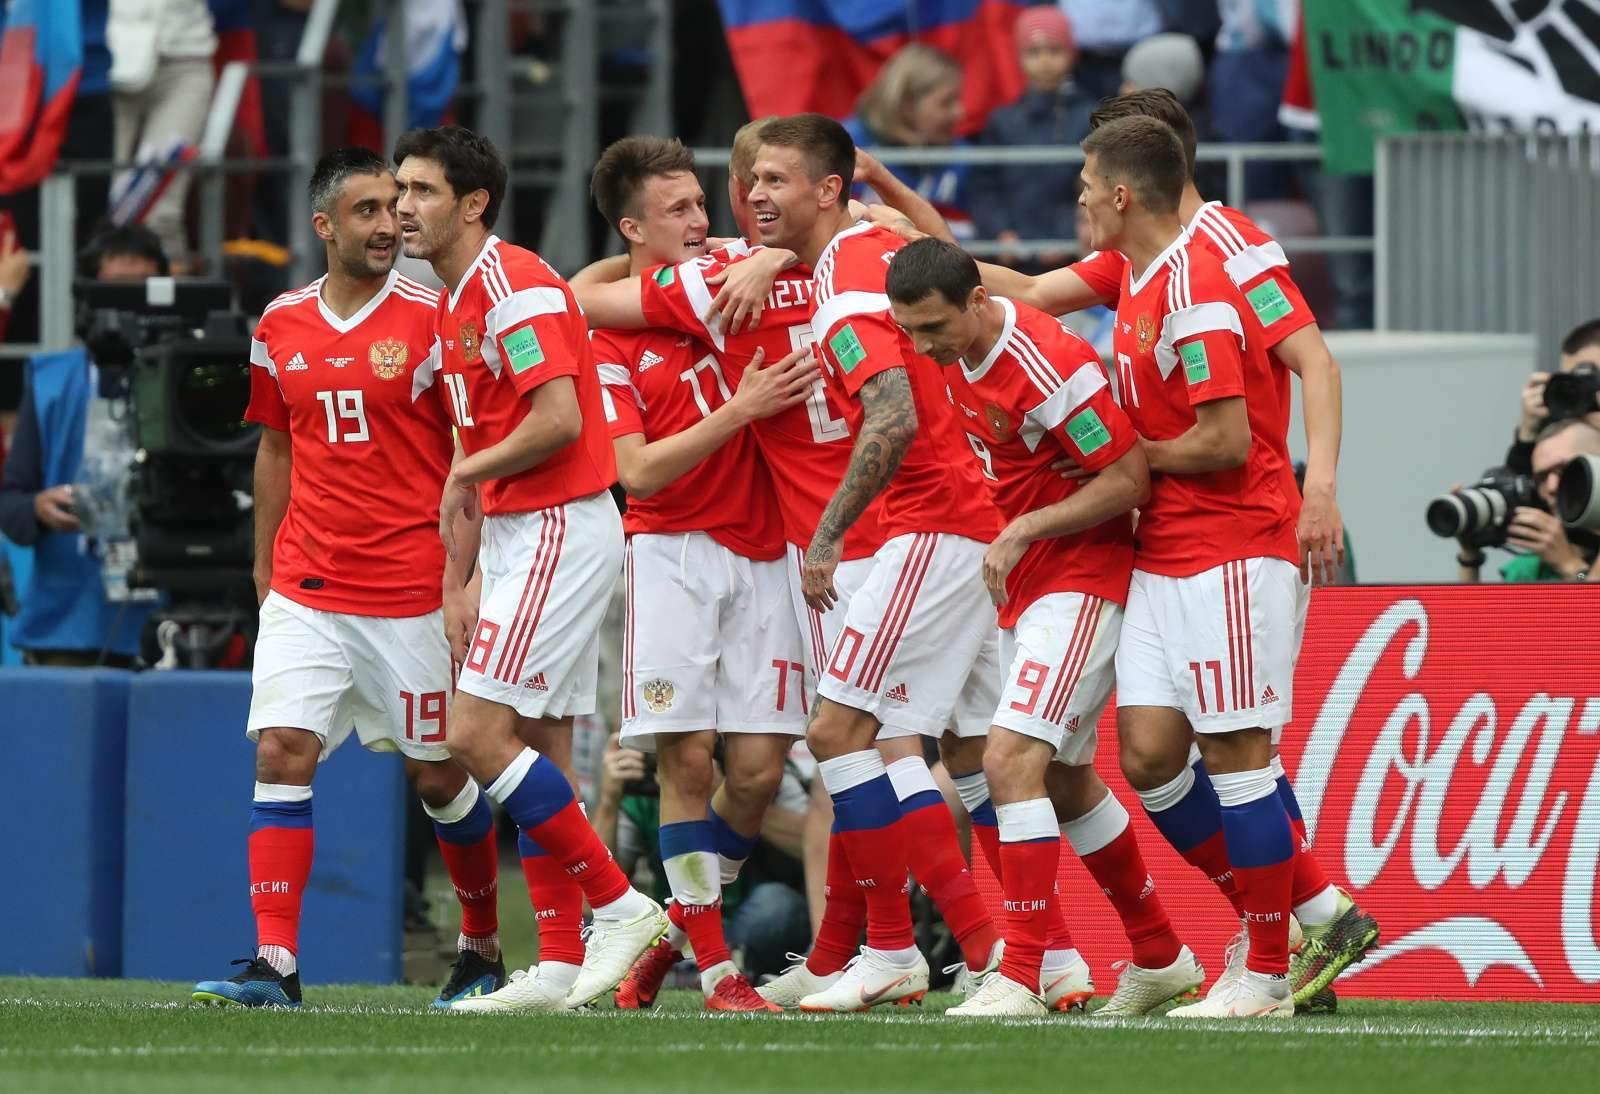 «Русские перед нами в долгу»: Как в Хорватии отреагировали на встречу с Россией в отборе на чемпионат мира